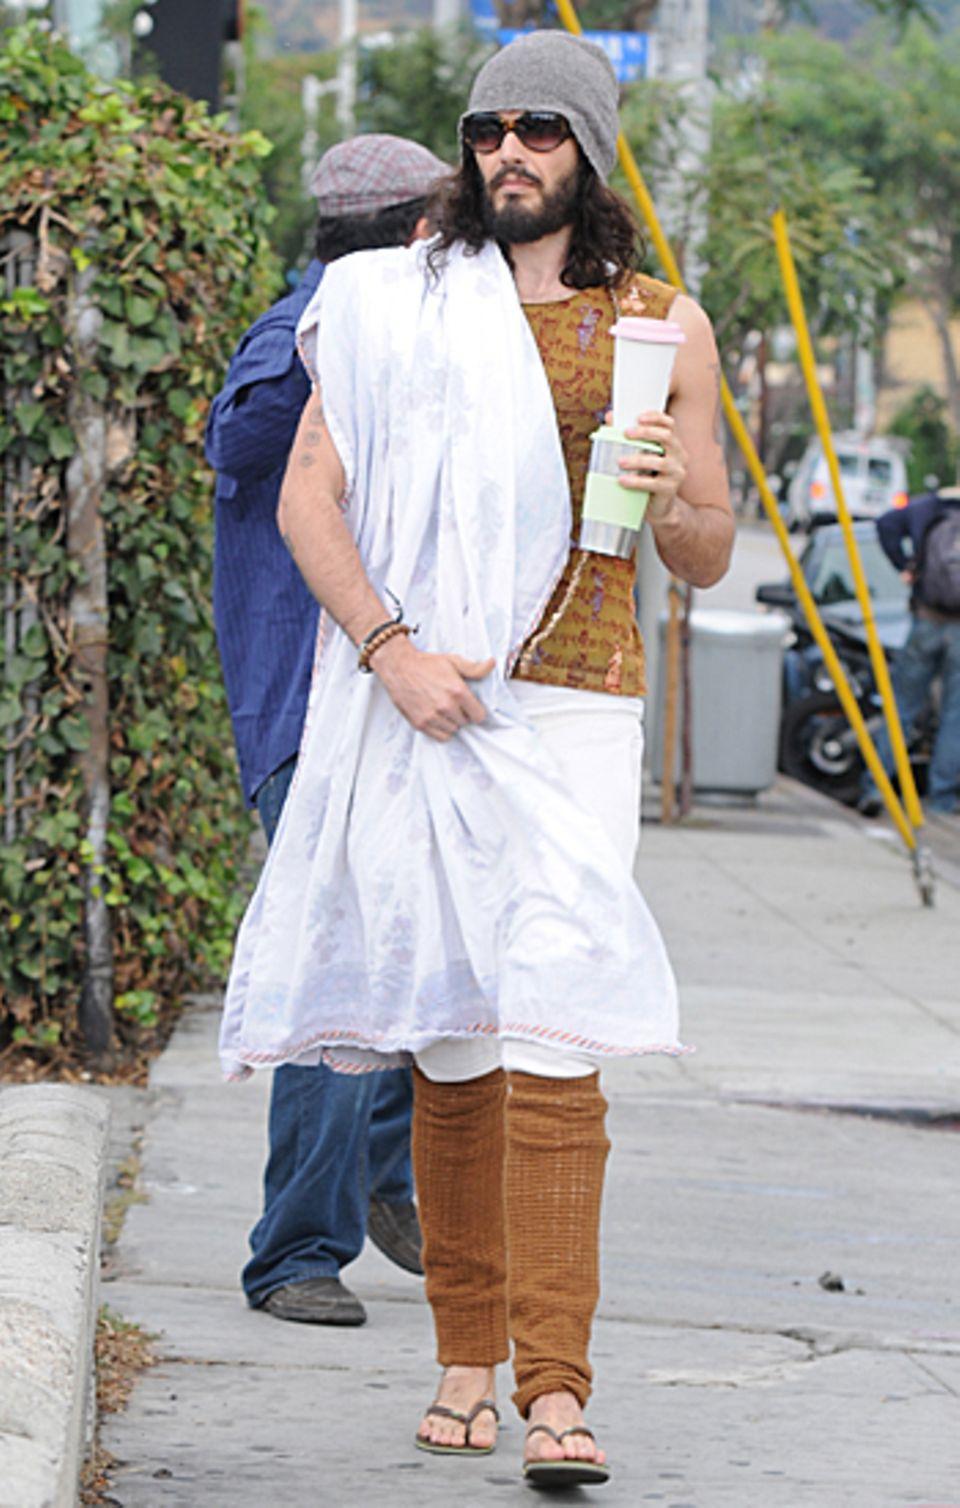 23. Oktober 2012: Russell Brand wie man ihn kennt - auf dem Weg zur Yogastunde in Los Angeles.